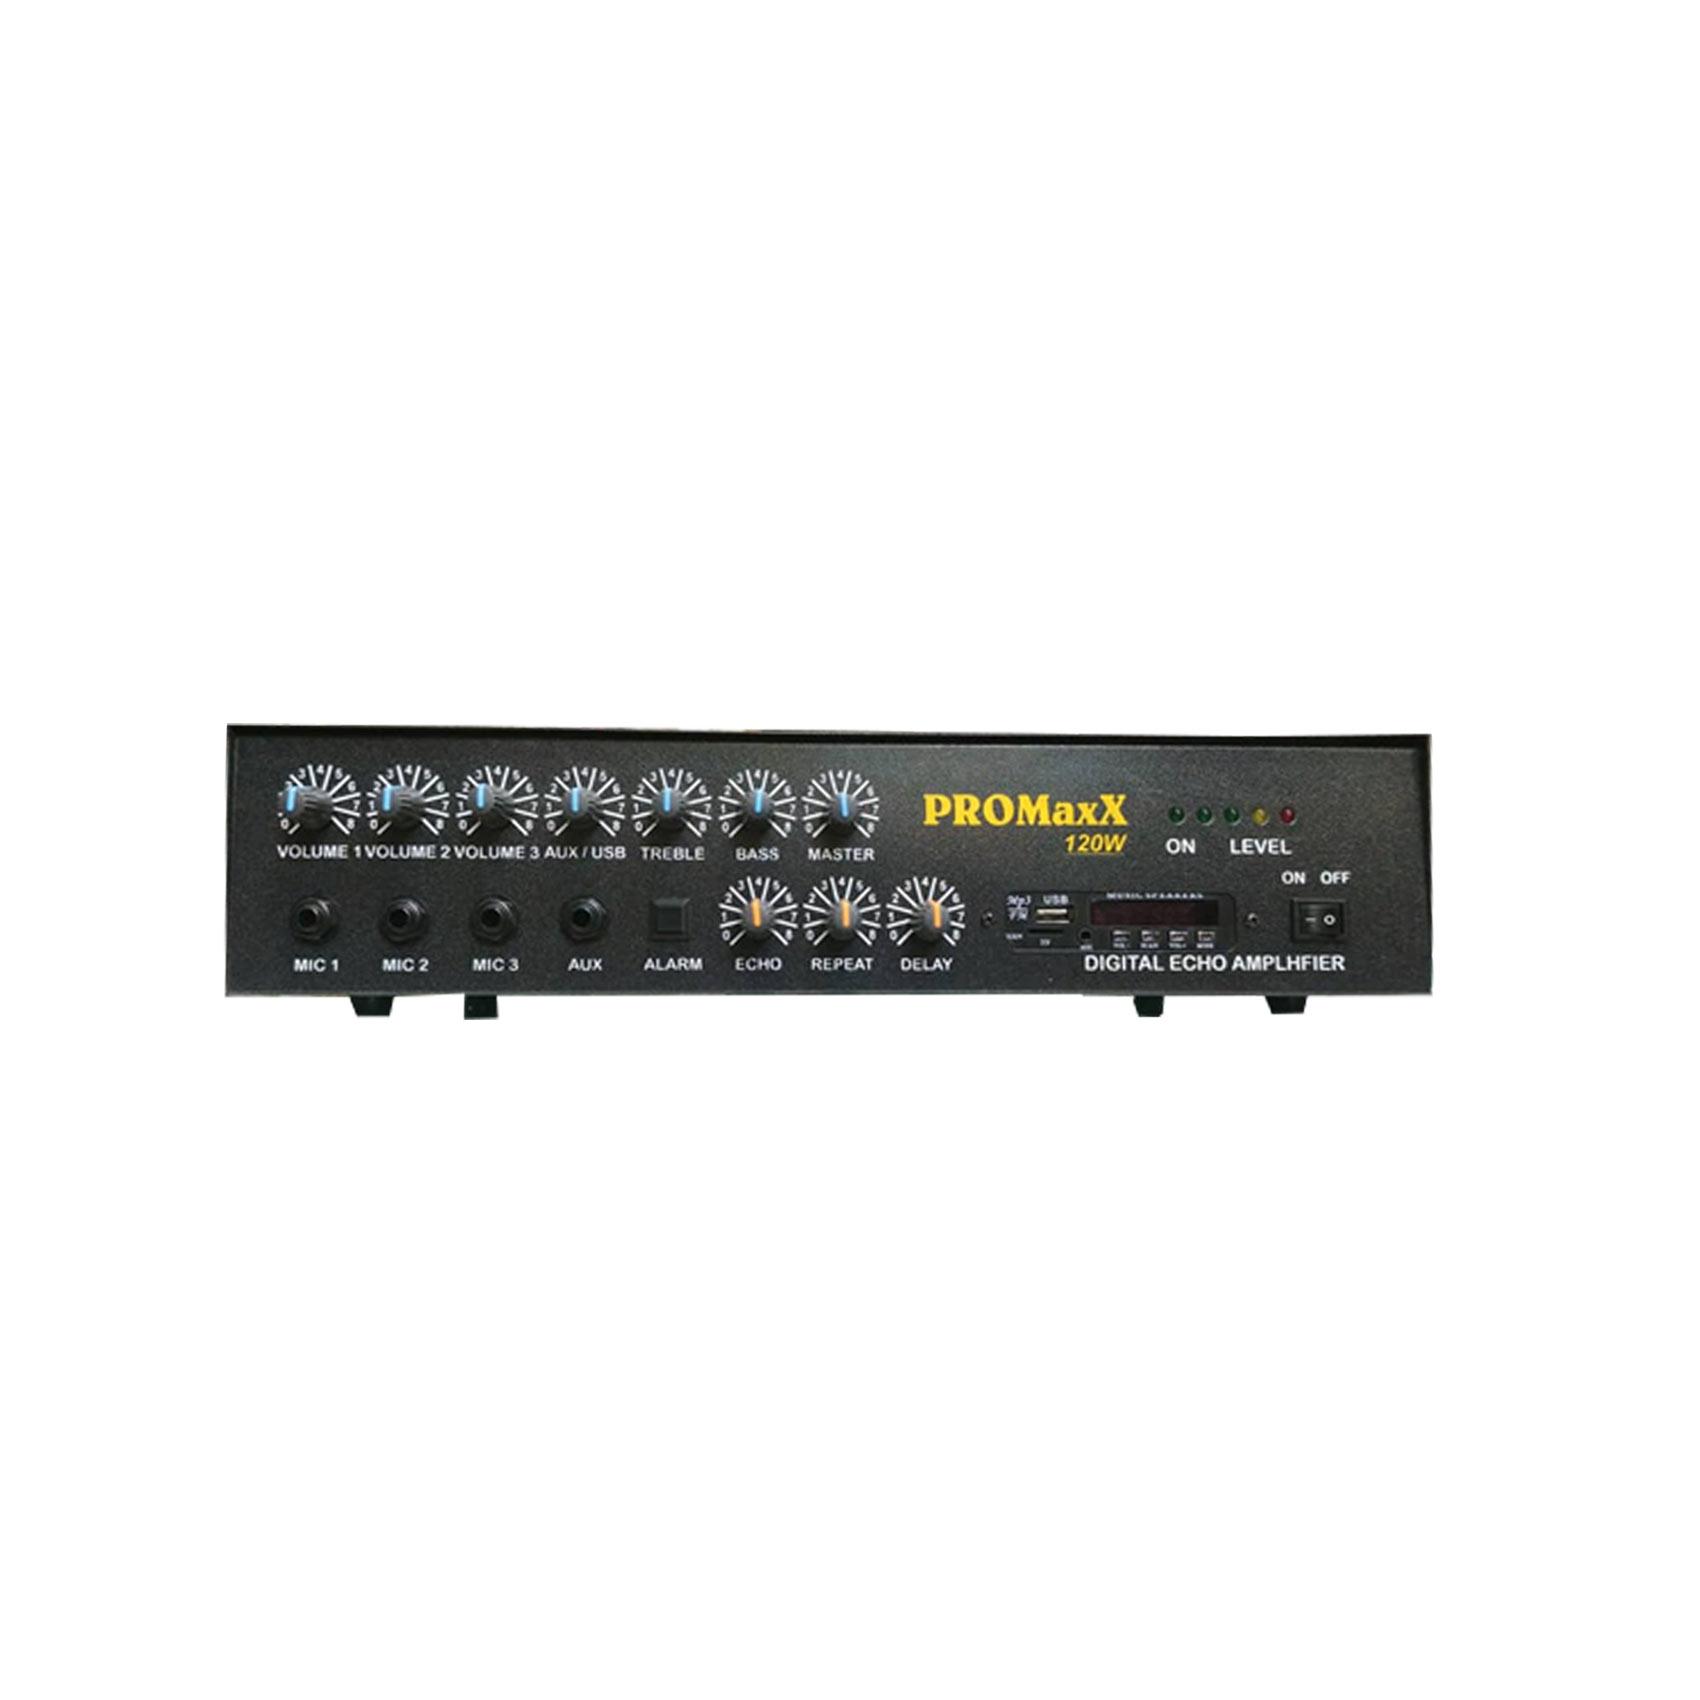 Promax120w